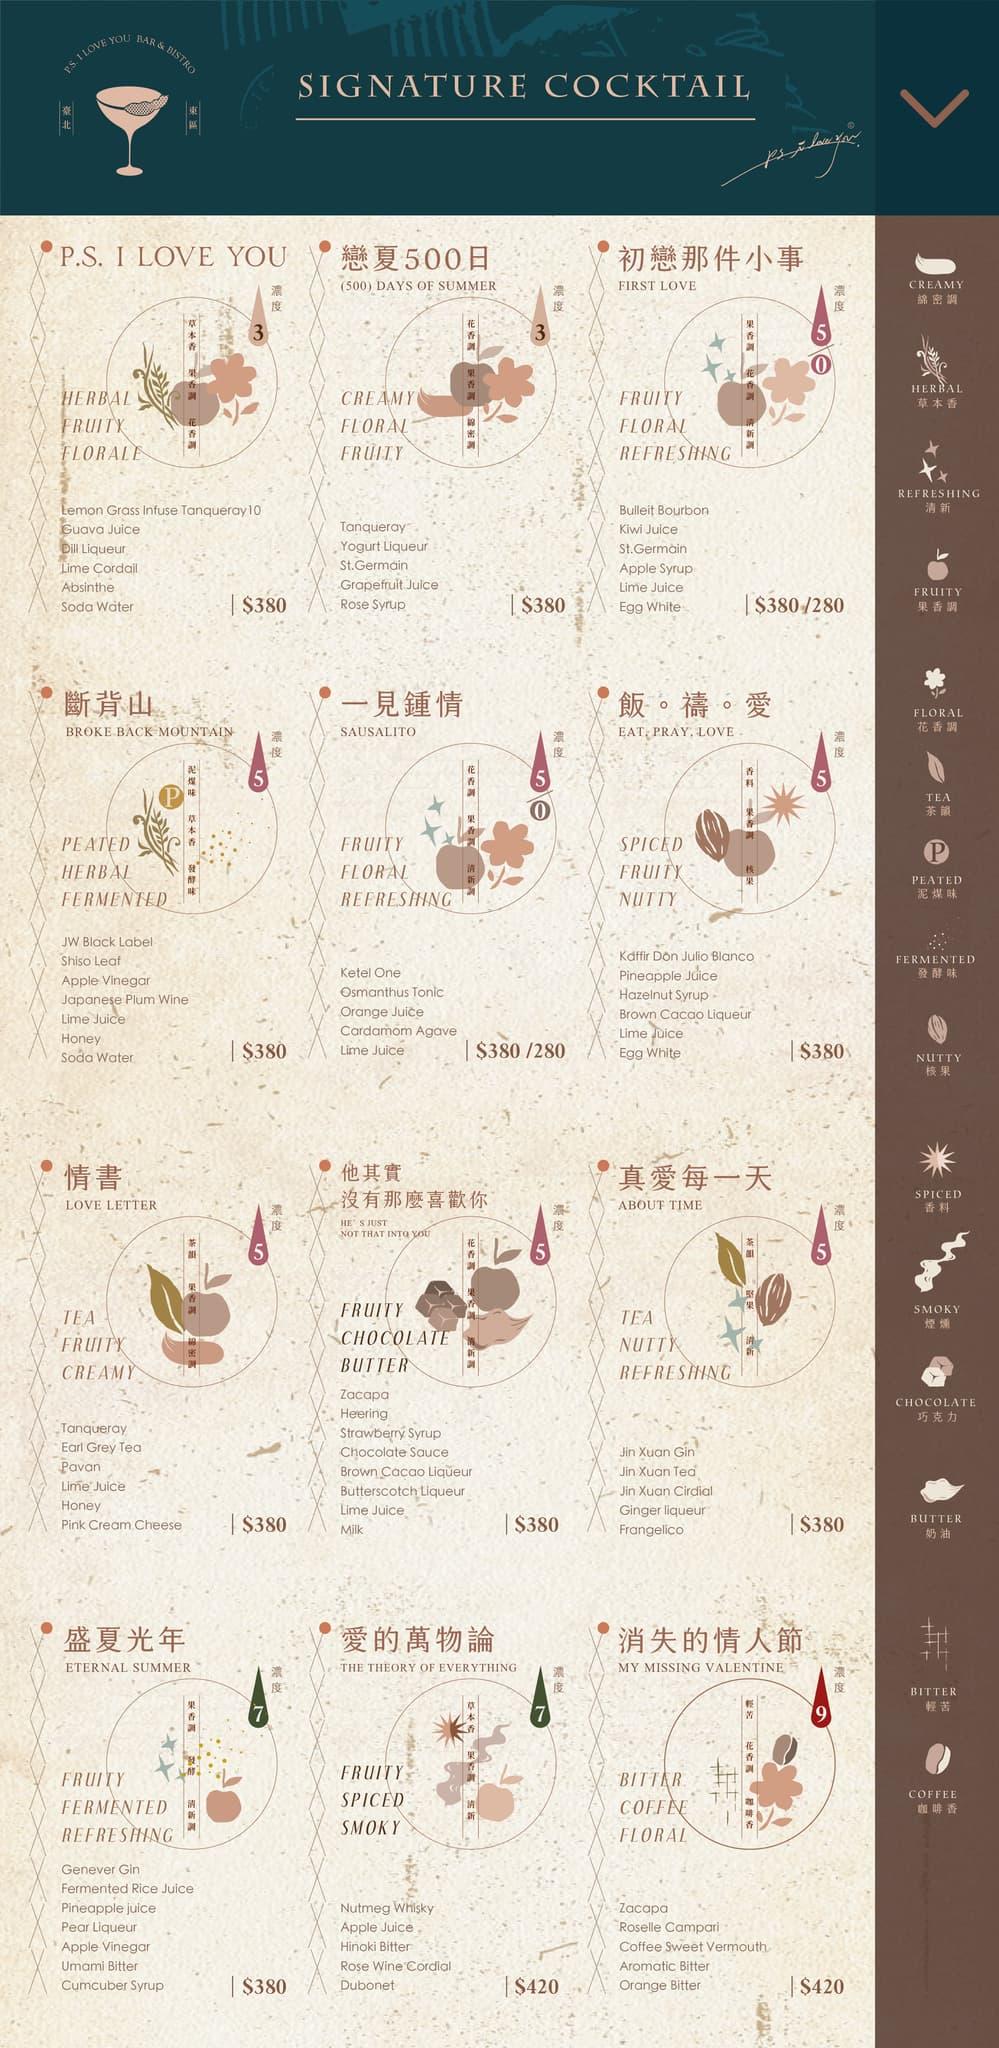 轉蛋機後的秘密「P.s. I Love You Bar & Bistro」台北東區酒吧菜單